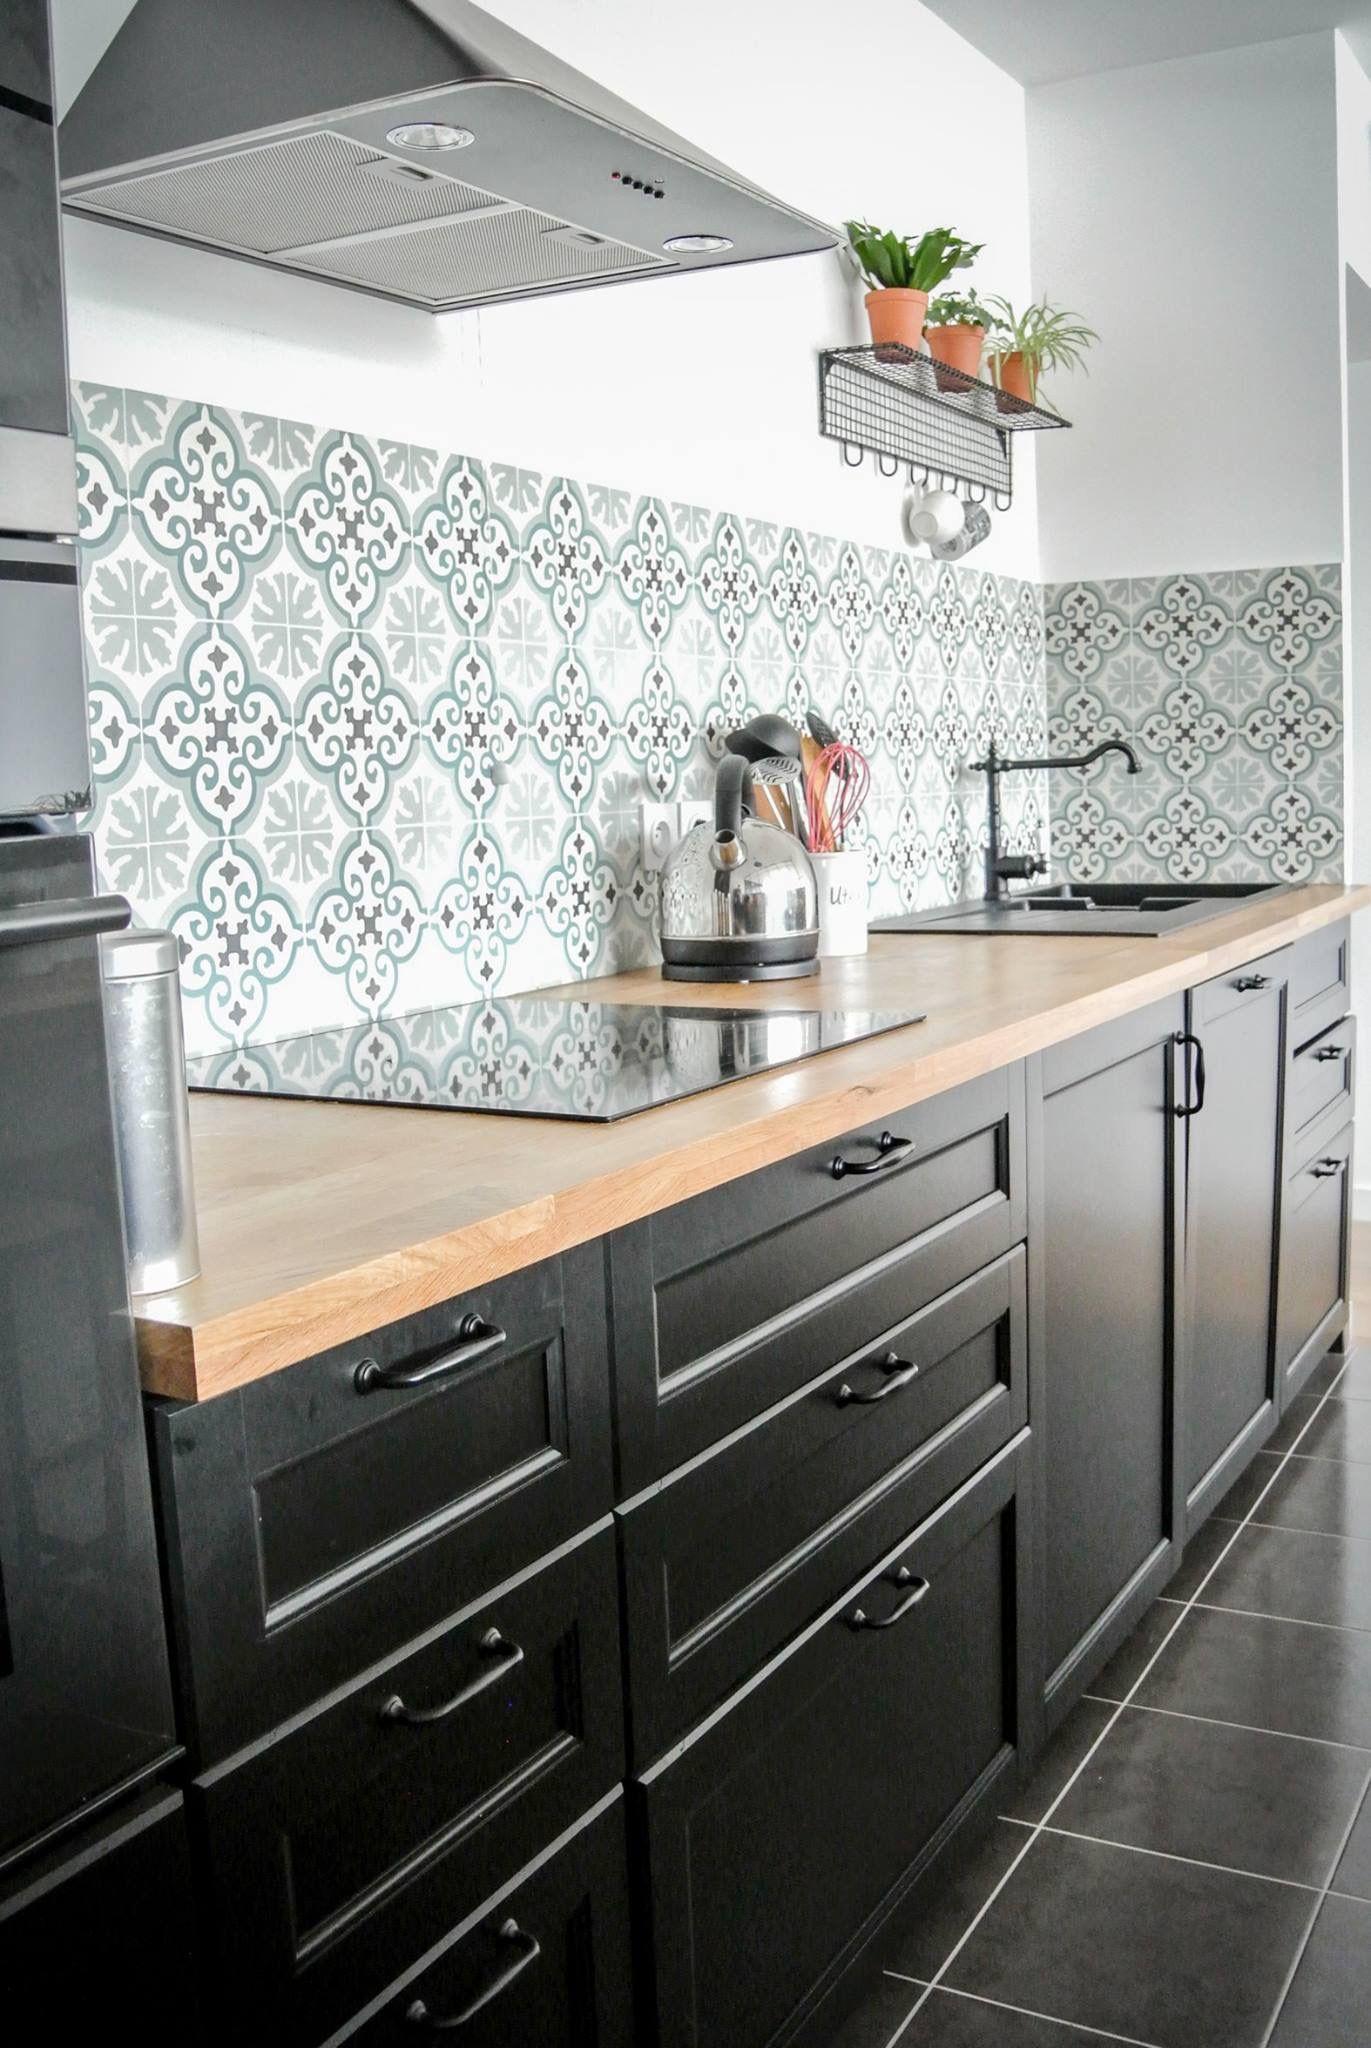 Crédence En Carreaux De Ciment Pour Cuisine beautiful #kitchen ##backsplash with patterned #cementtiles